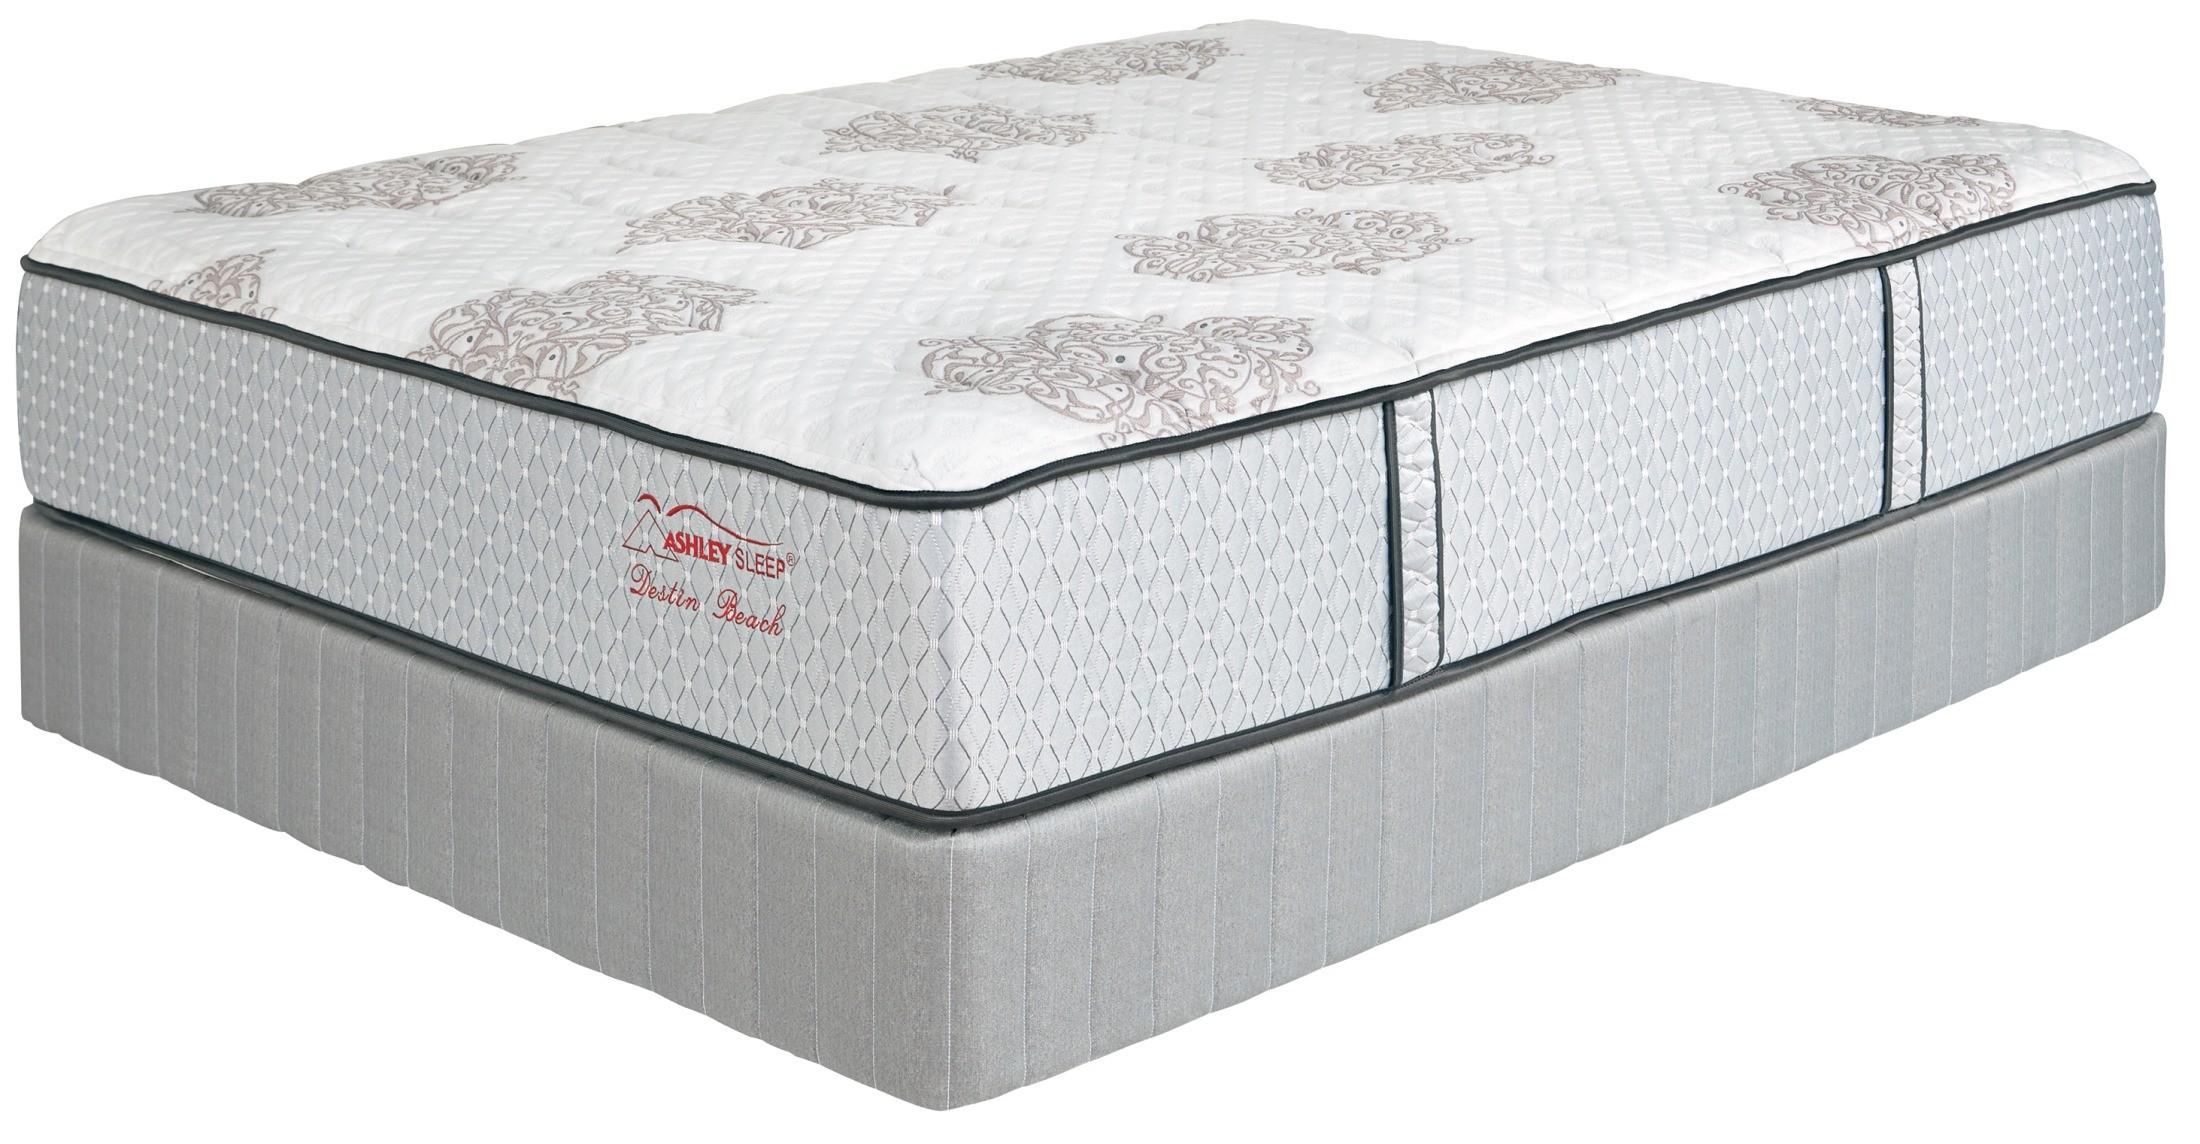 Destin Beach Queen Size Firm Mattress M87031 Ashley Furniture